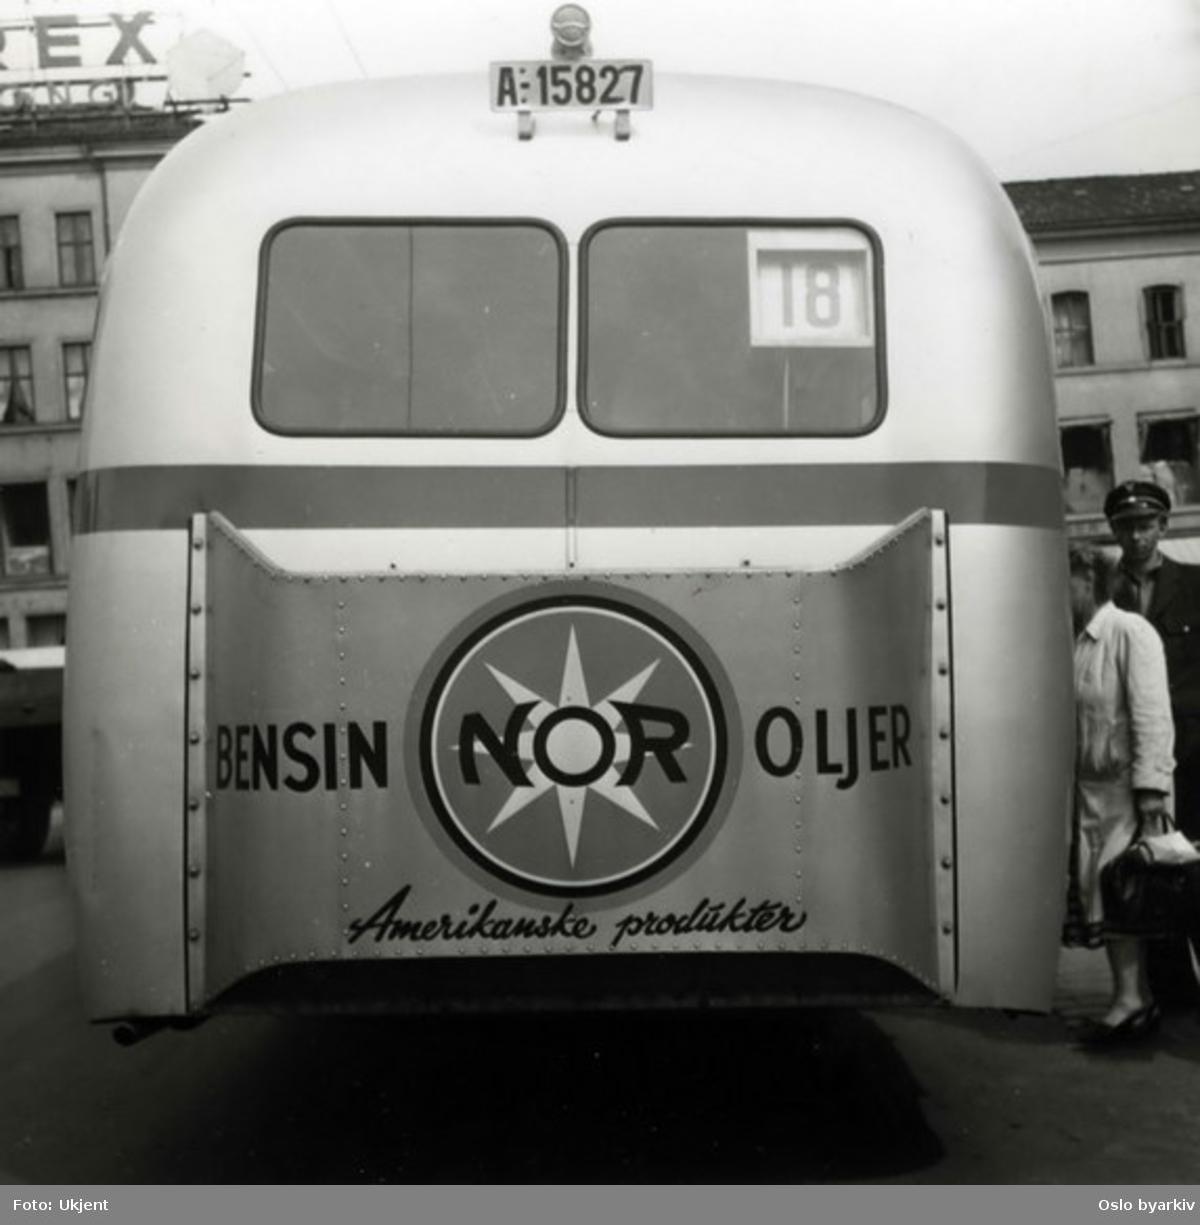 Oslo Sporveier, Busslinje 18 til Bjølsen med reklame for NOR.